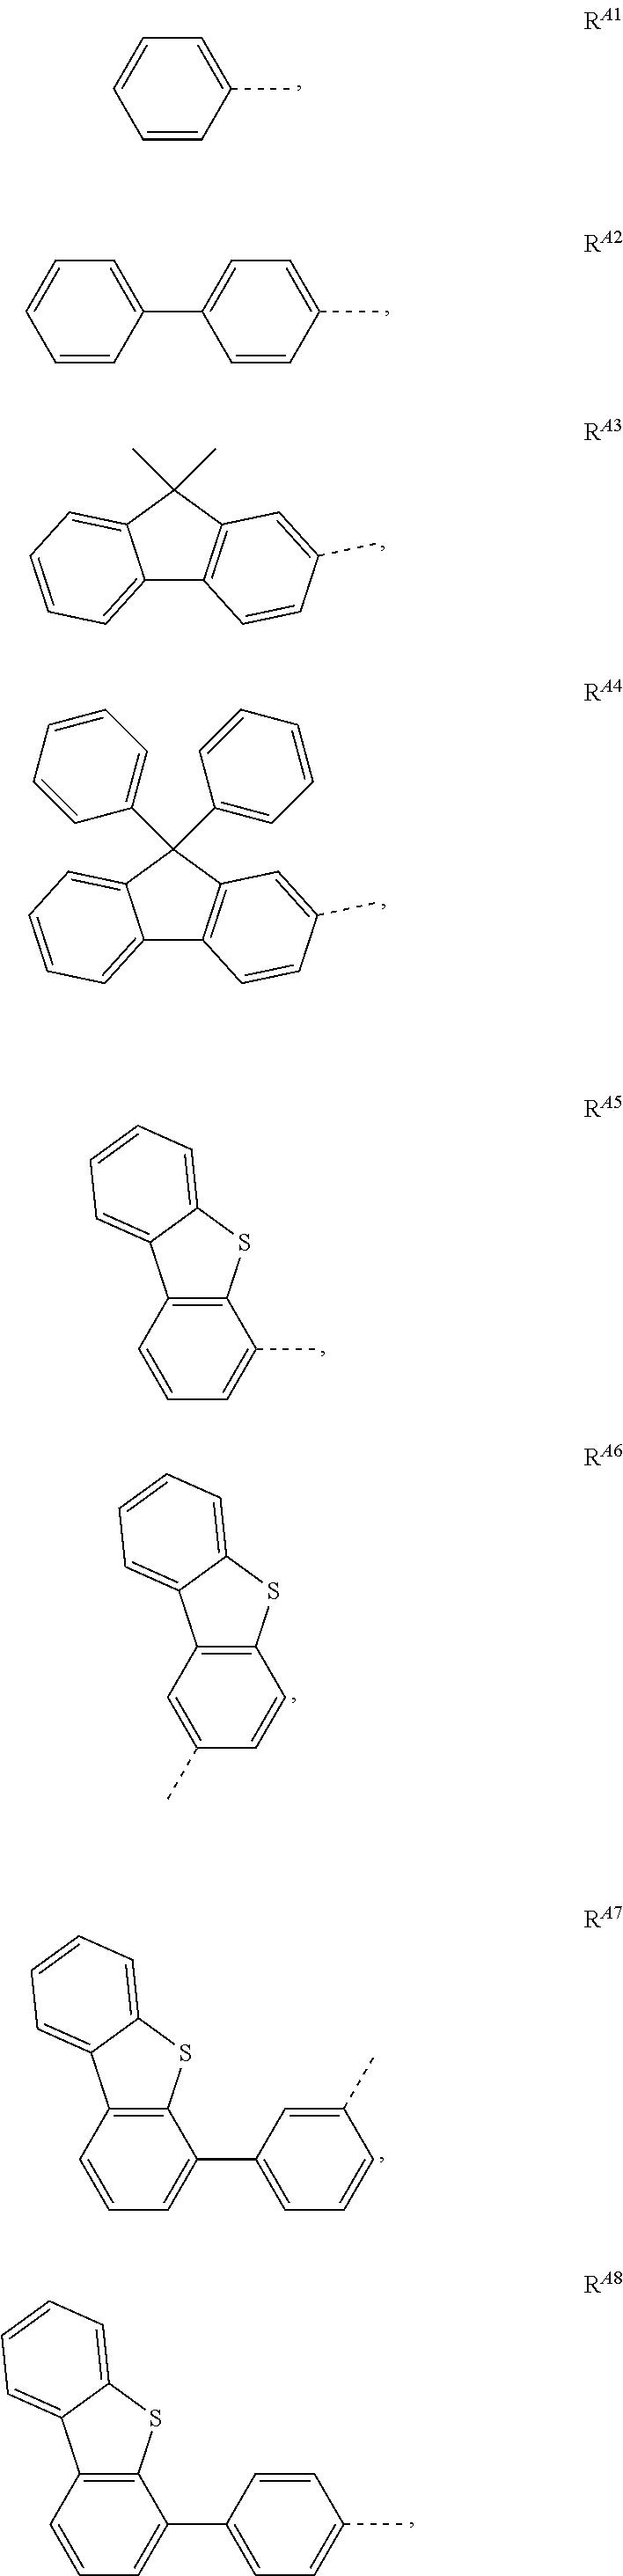 Figure US09761814-20170912-C00005